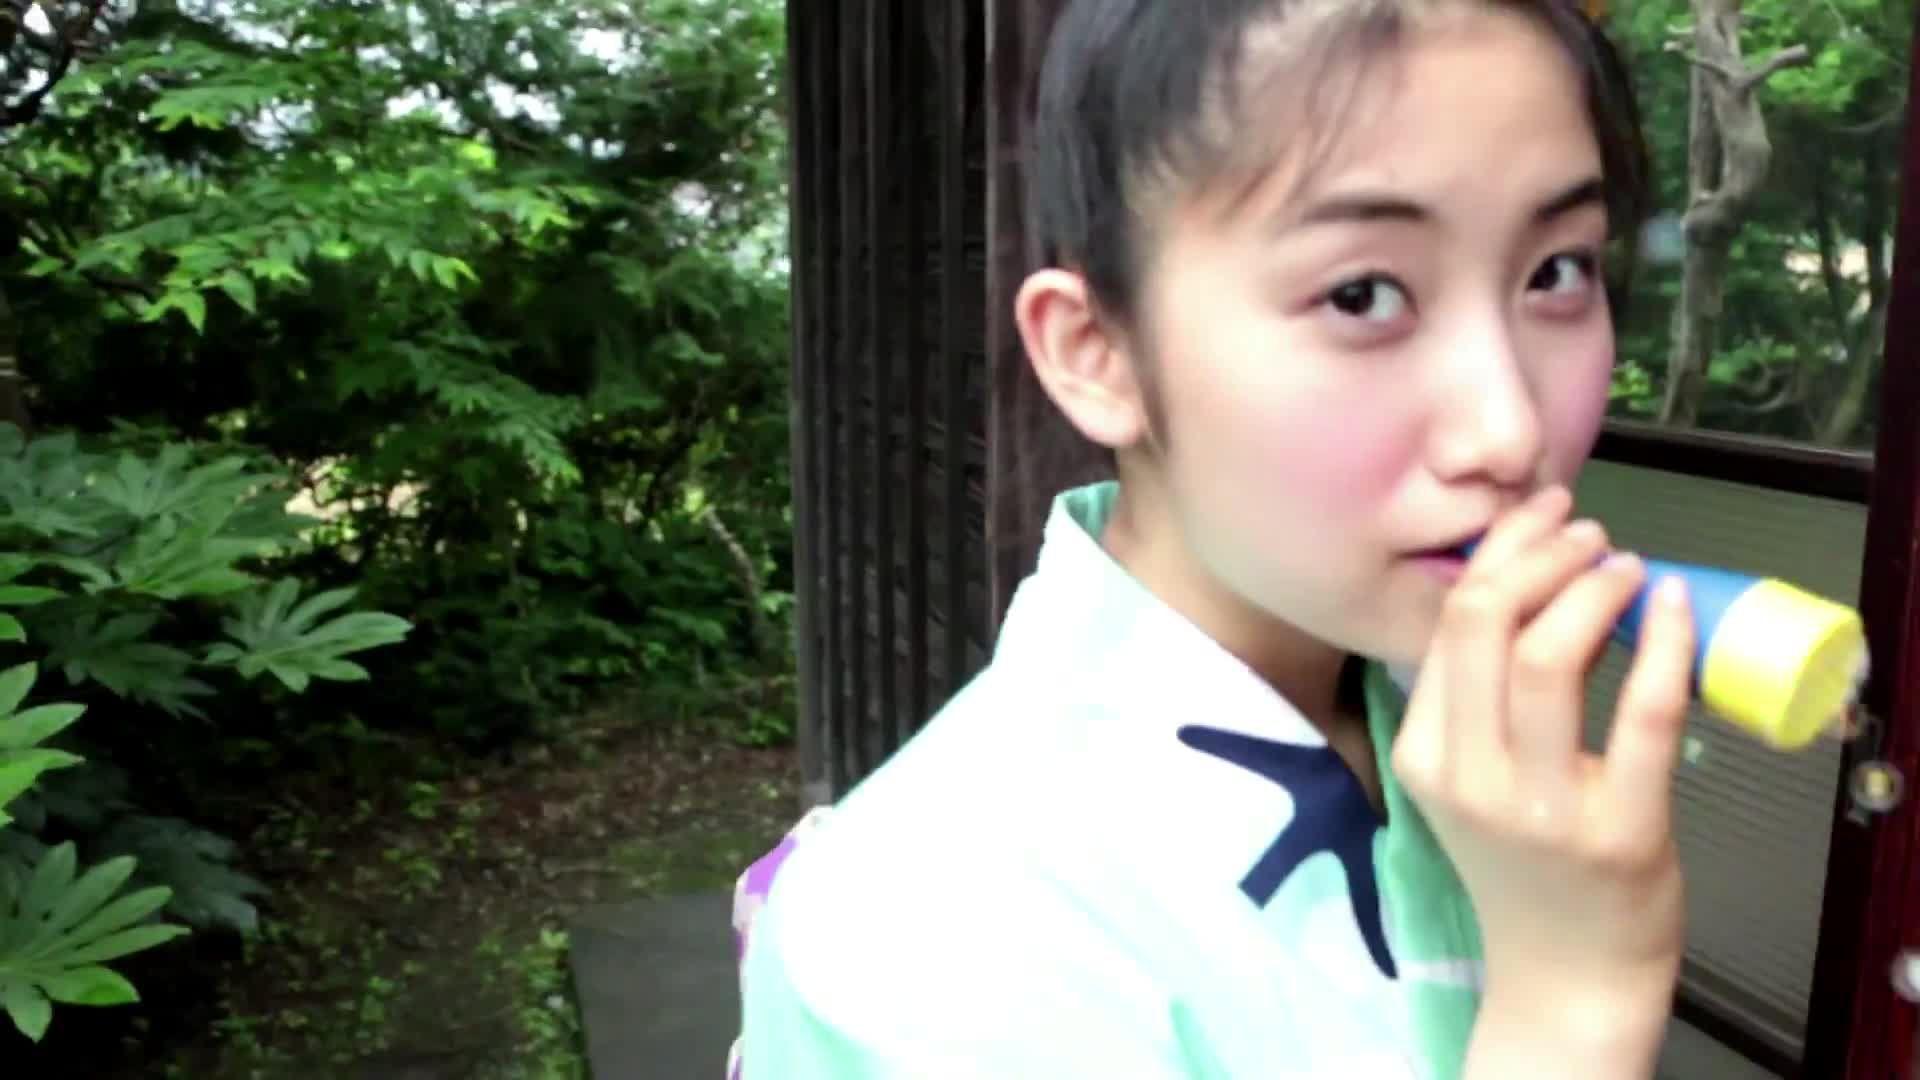 モーニング娘。'14 - 佐藤優樹 Sato Masaki